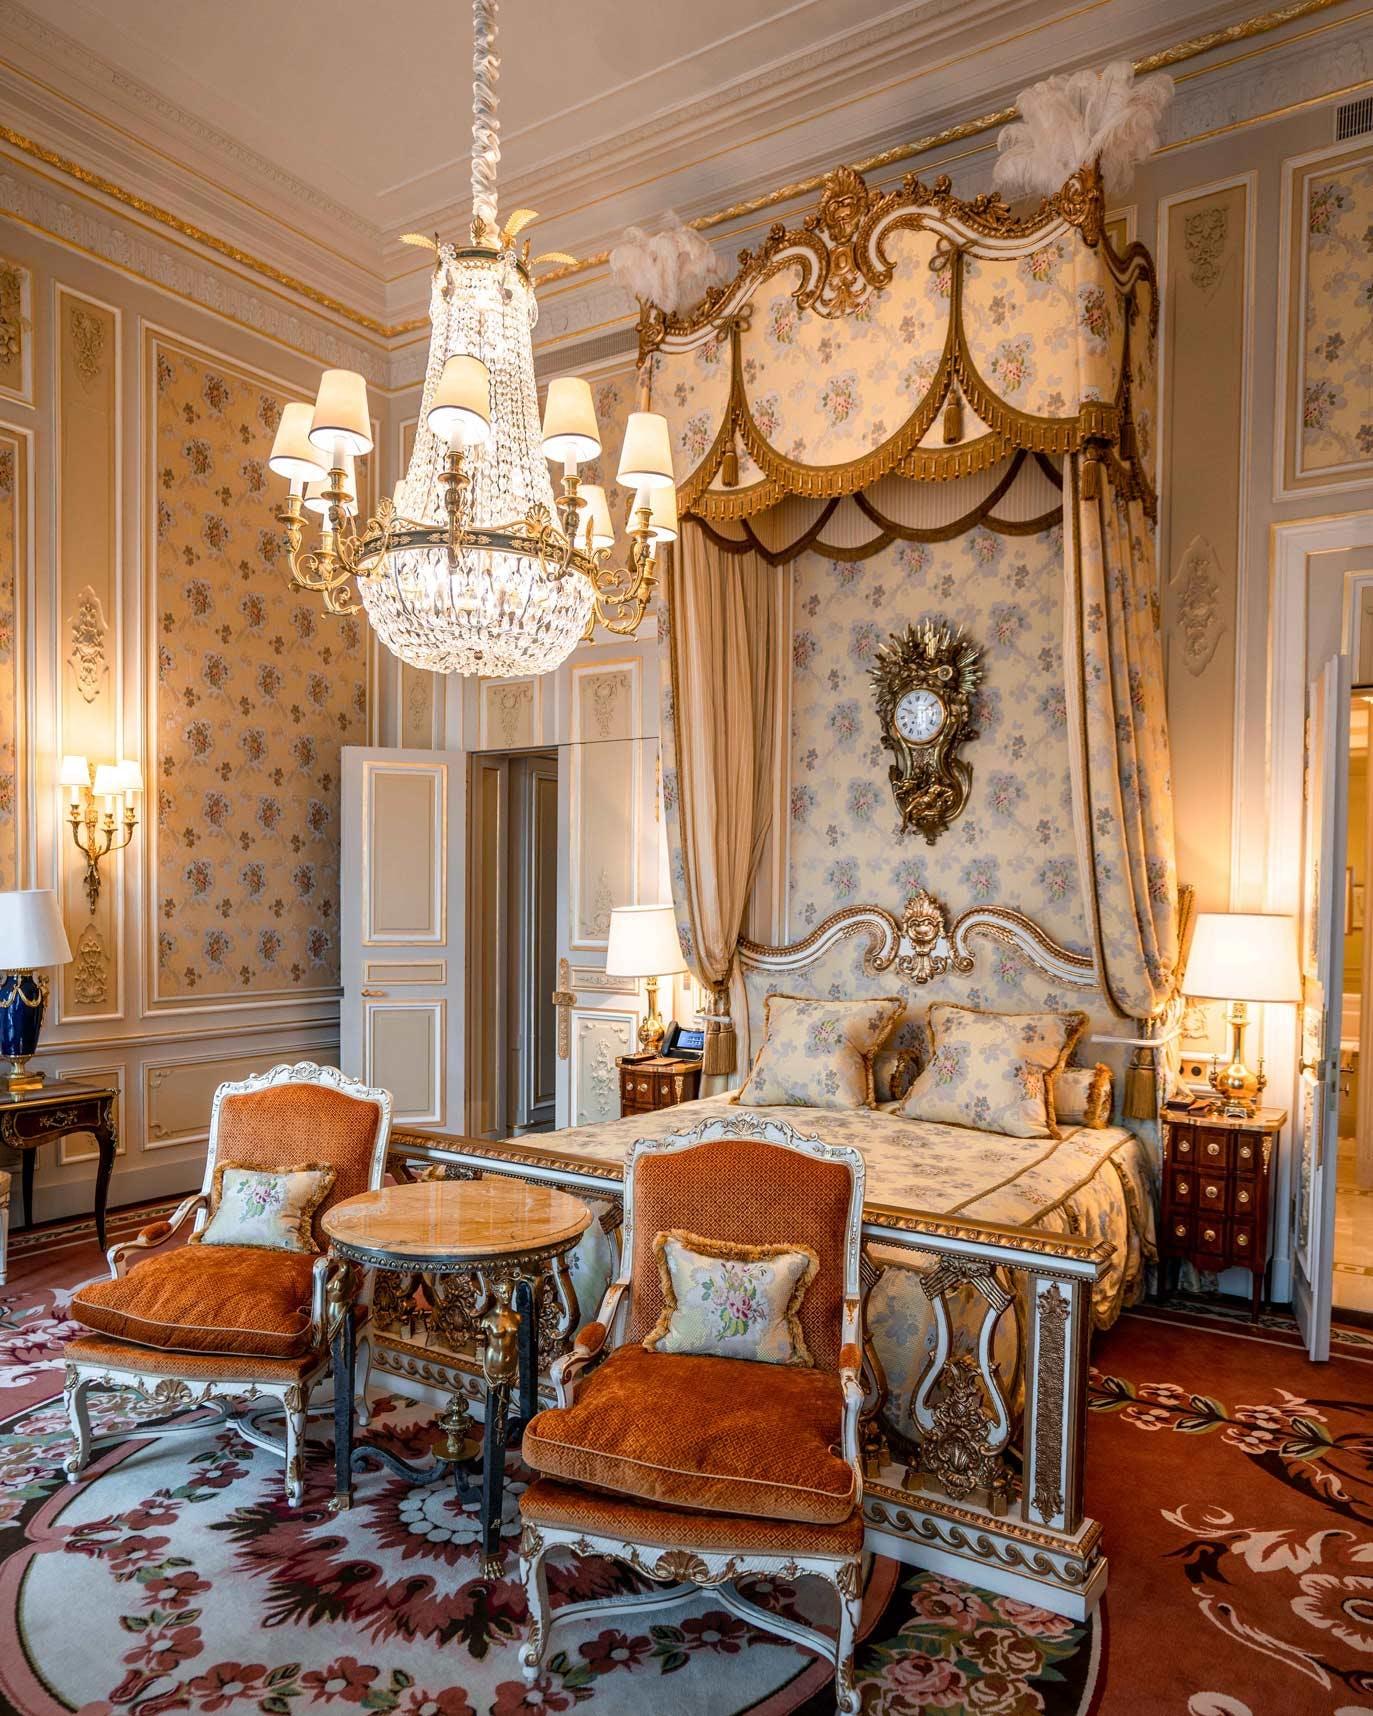 Marie Antoinette Bedroom in the Imperial Suite of Hôtel Ritz